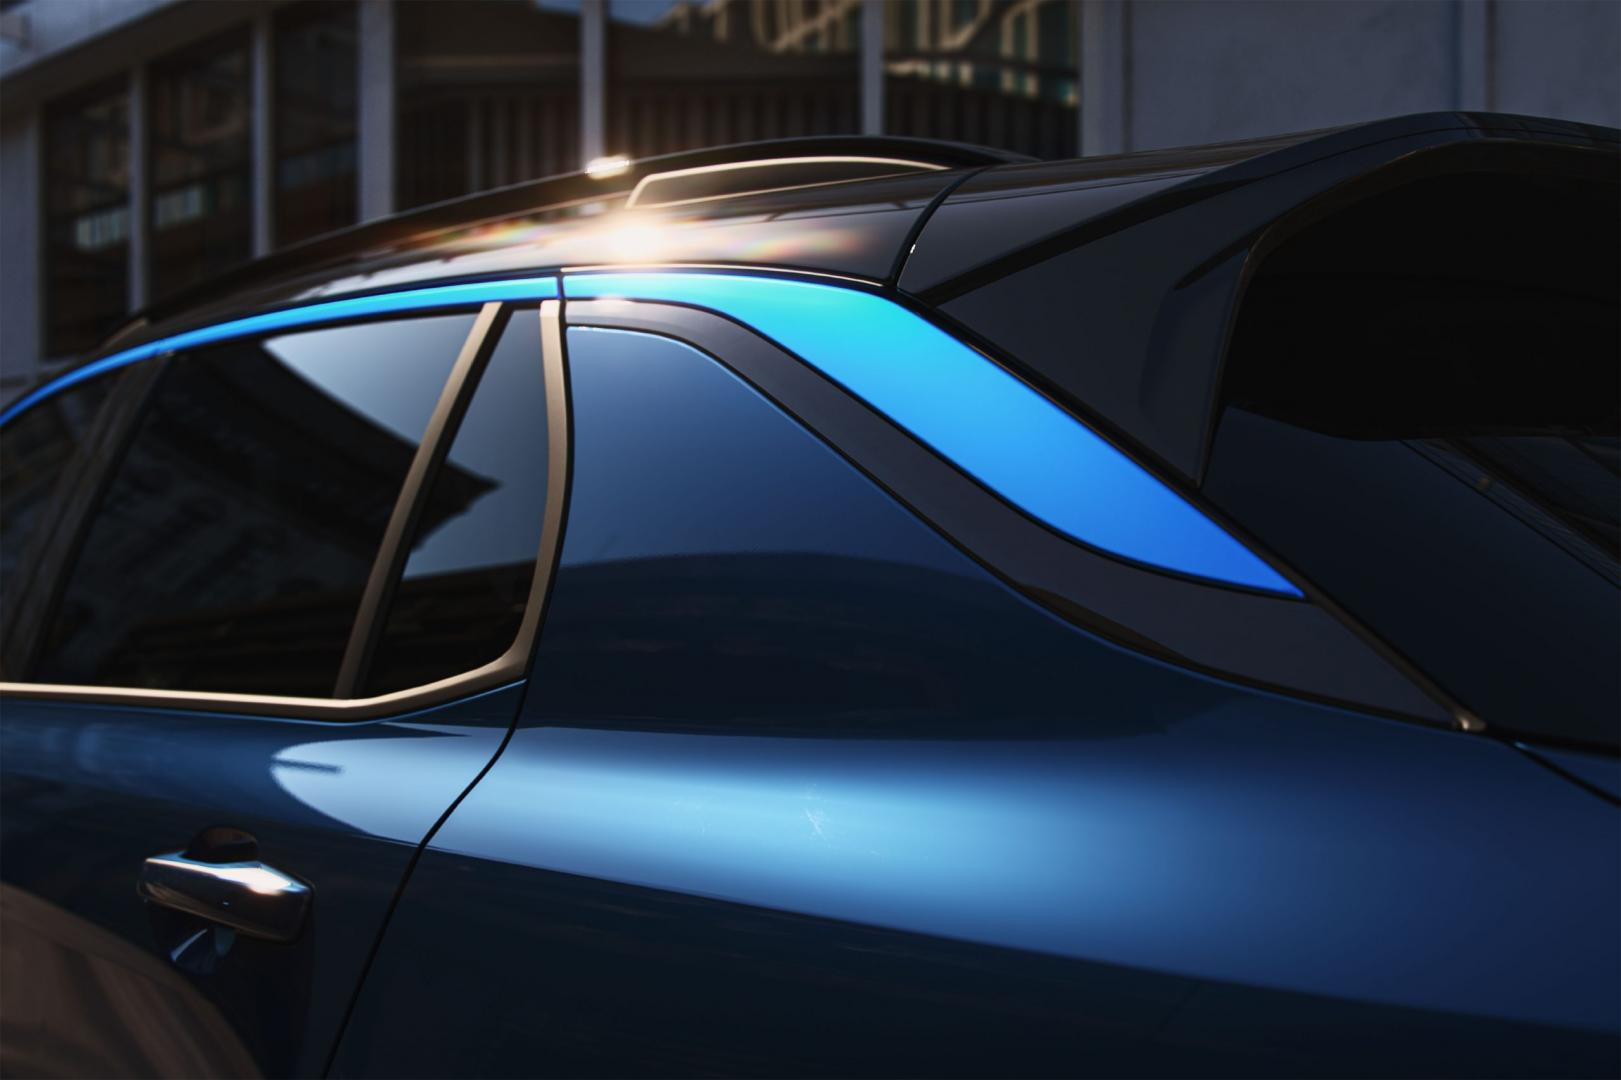 De Lynk & Co 01: wéér een nieuwe Chinese auto met wéér een nieuw concept. Is het wat? Nou...